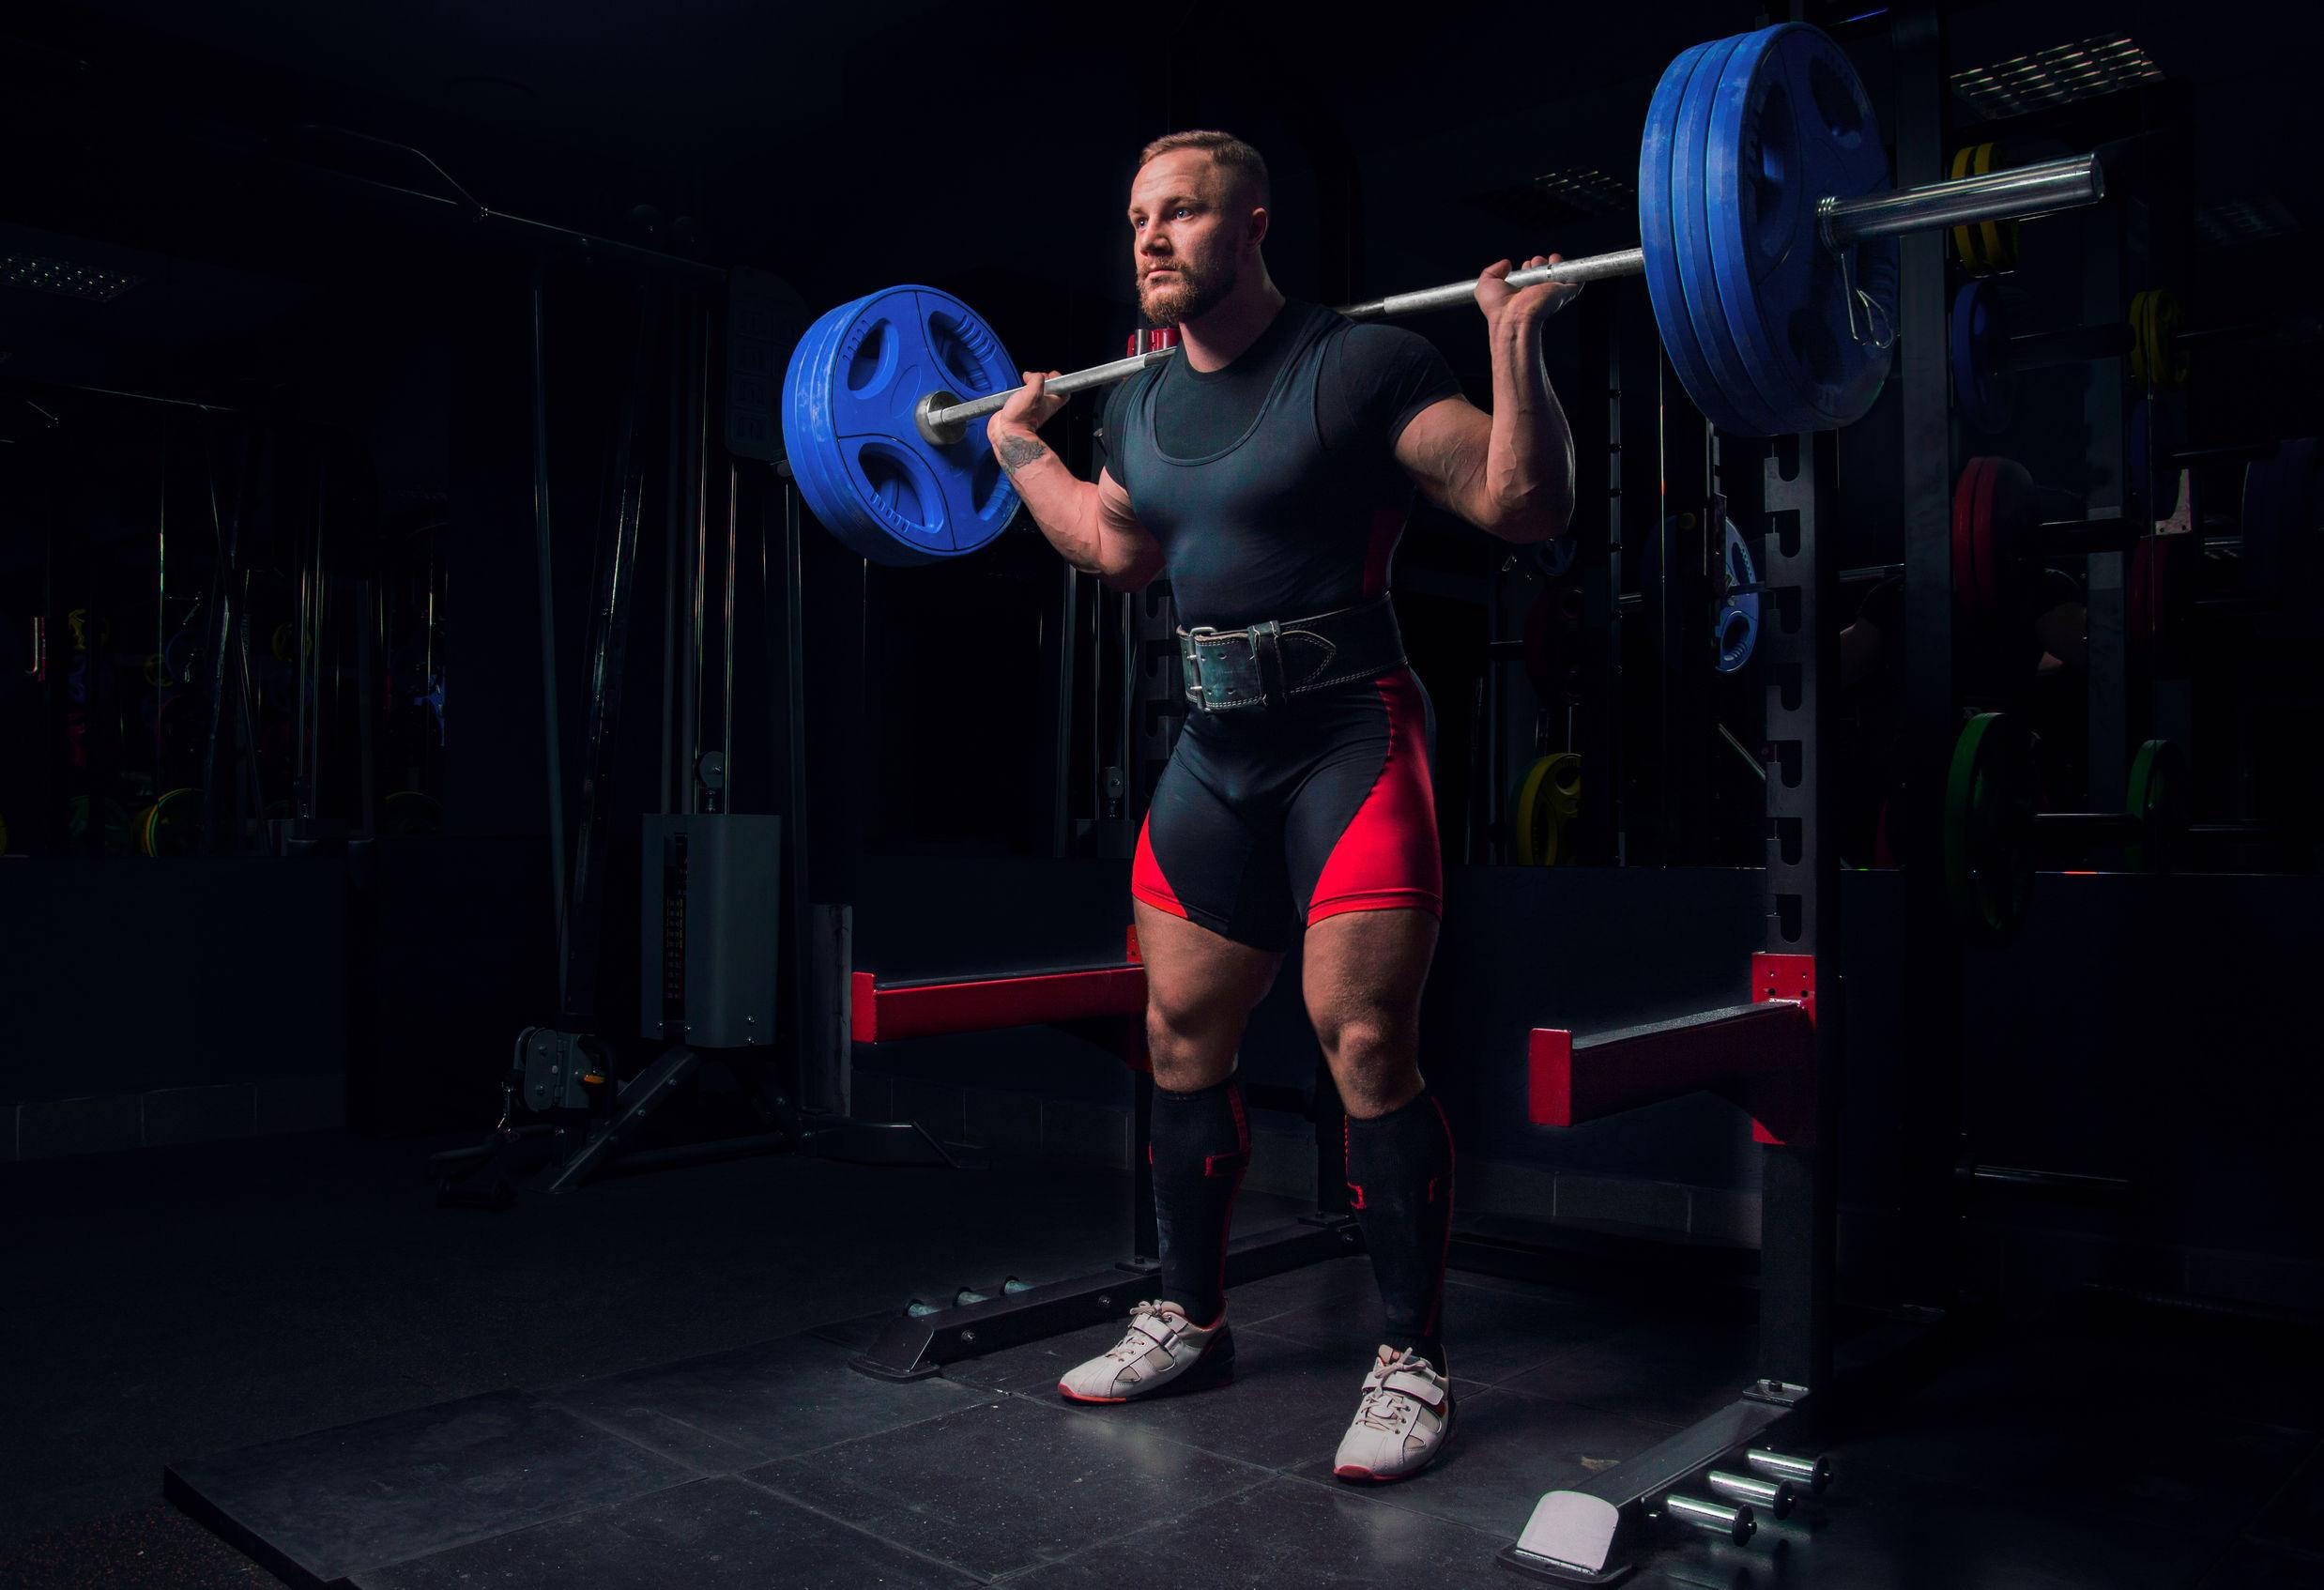 Cinturones de levantamiento de pesas: ¿Cuál es el mejor del 2021?